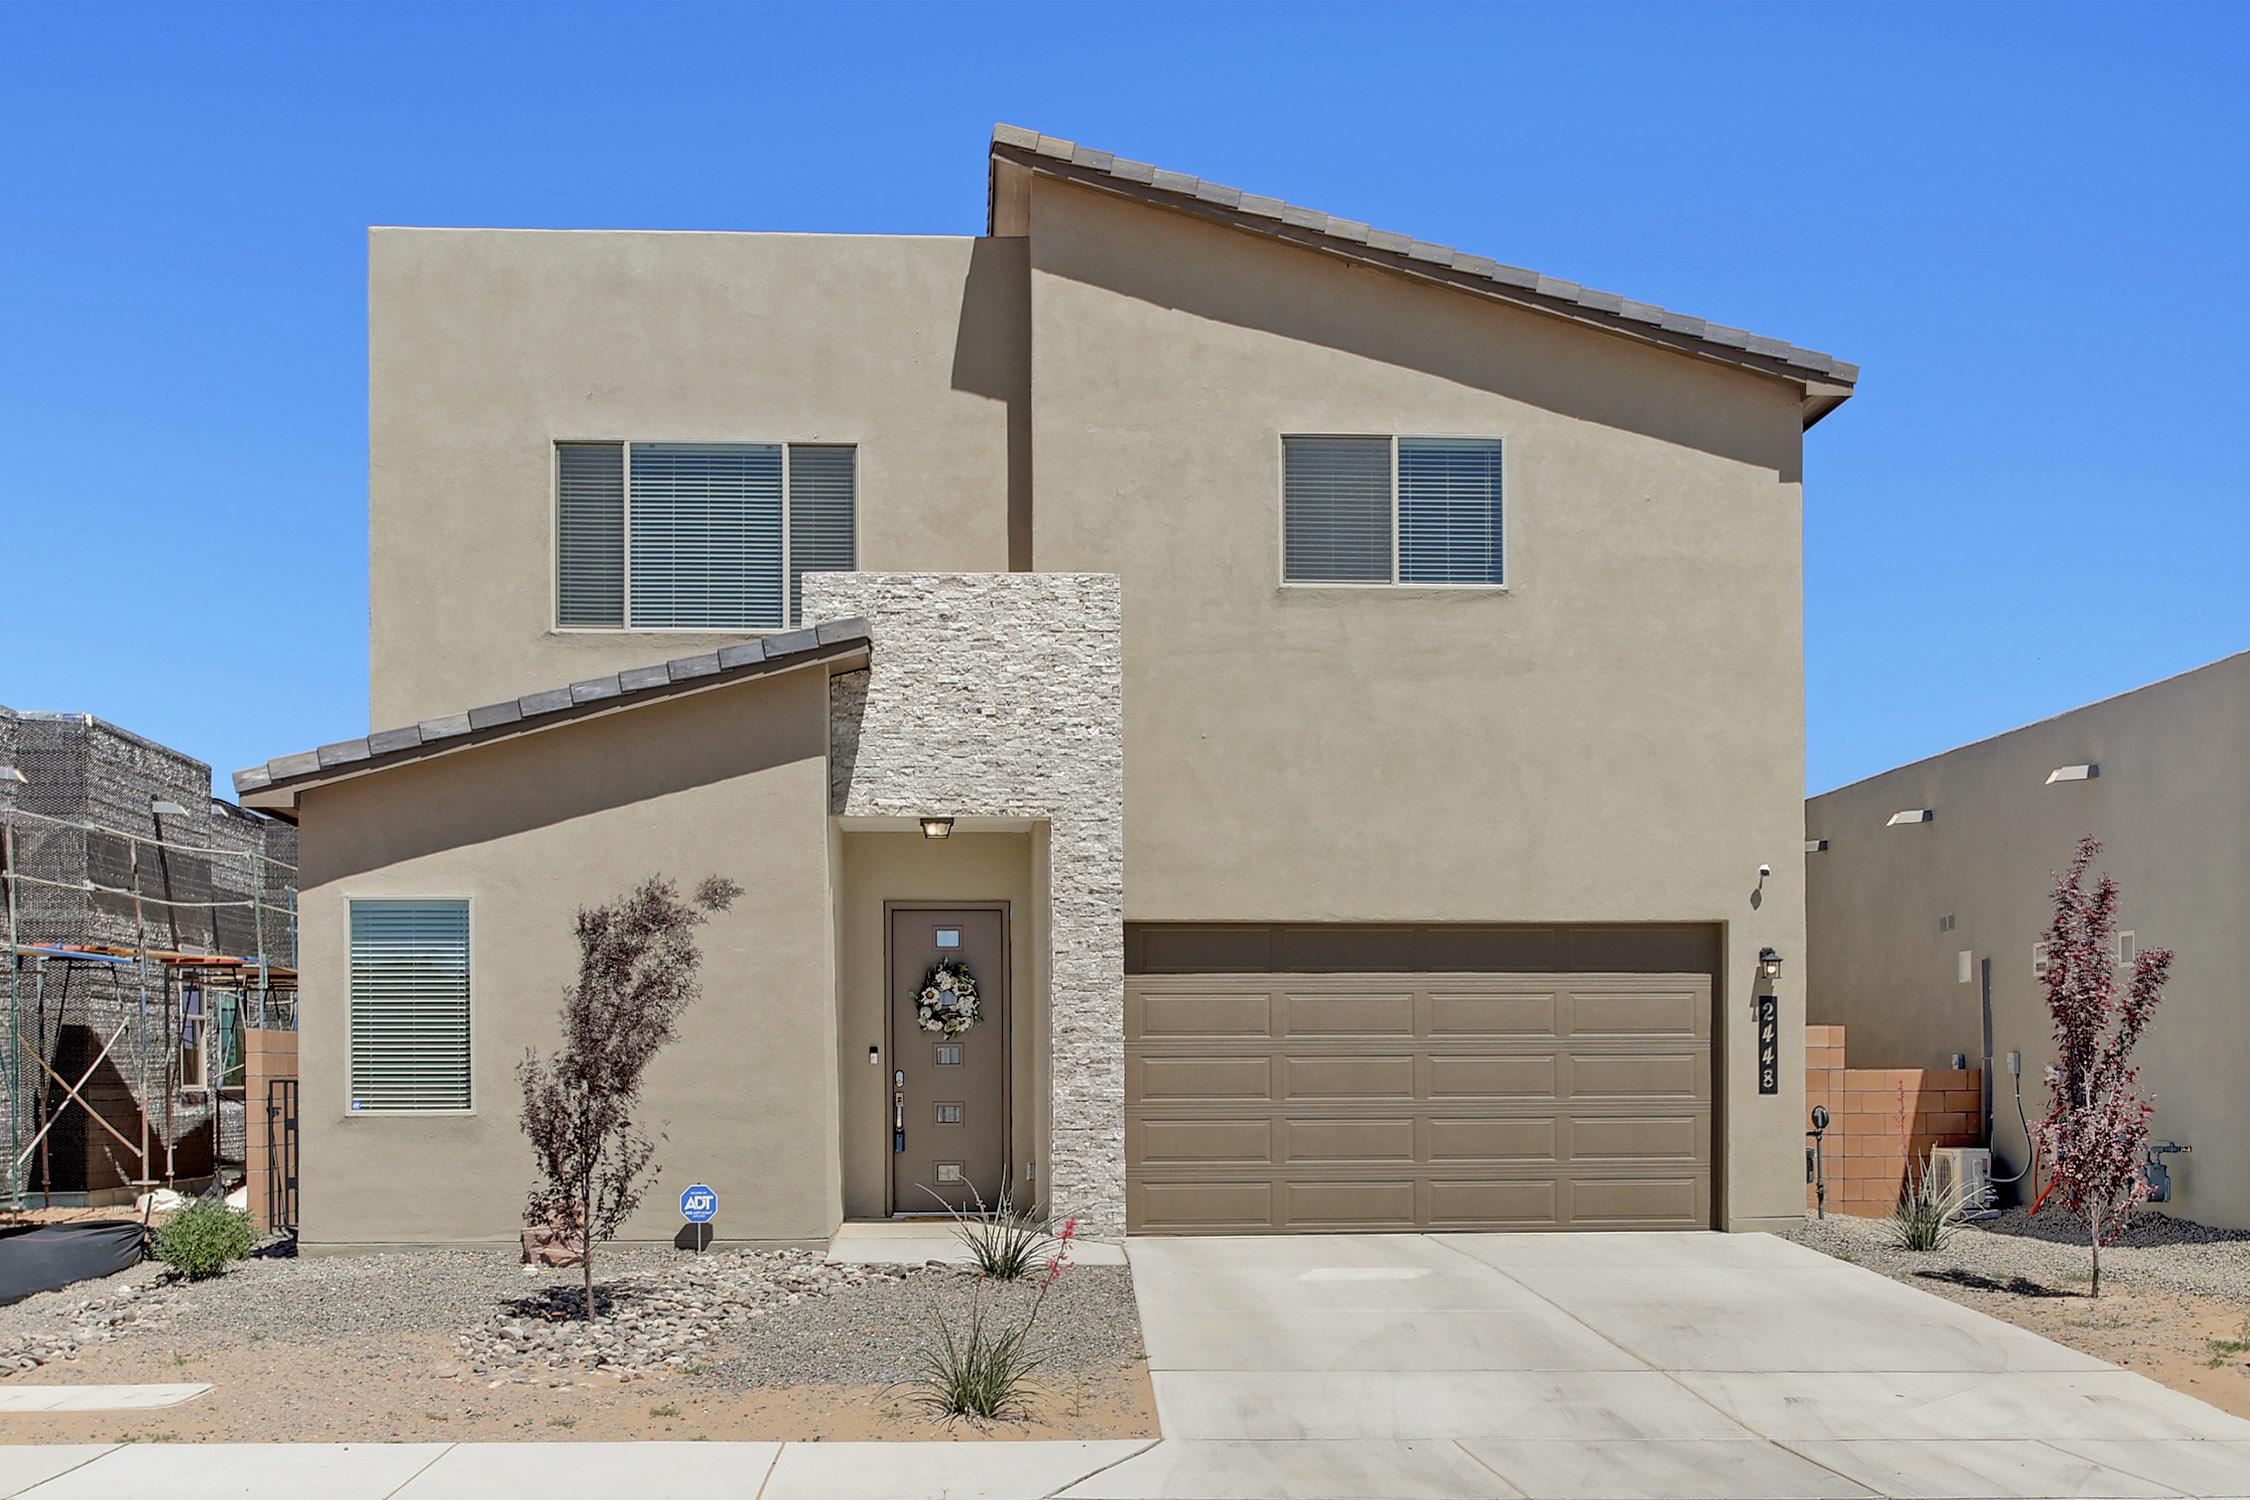 2448 Nugget Street SE, Rio Rancho, NM 87124 - Rio Rancho, NM real estate listing